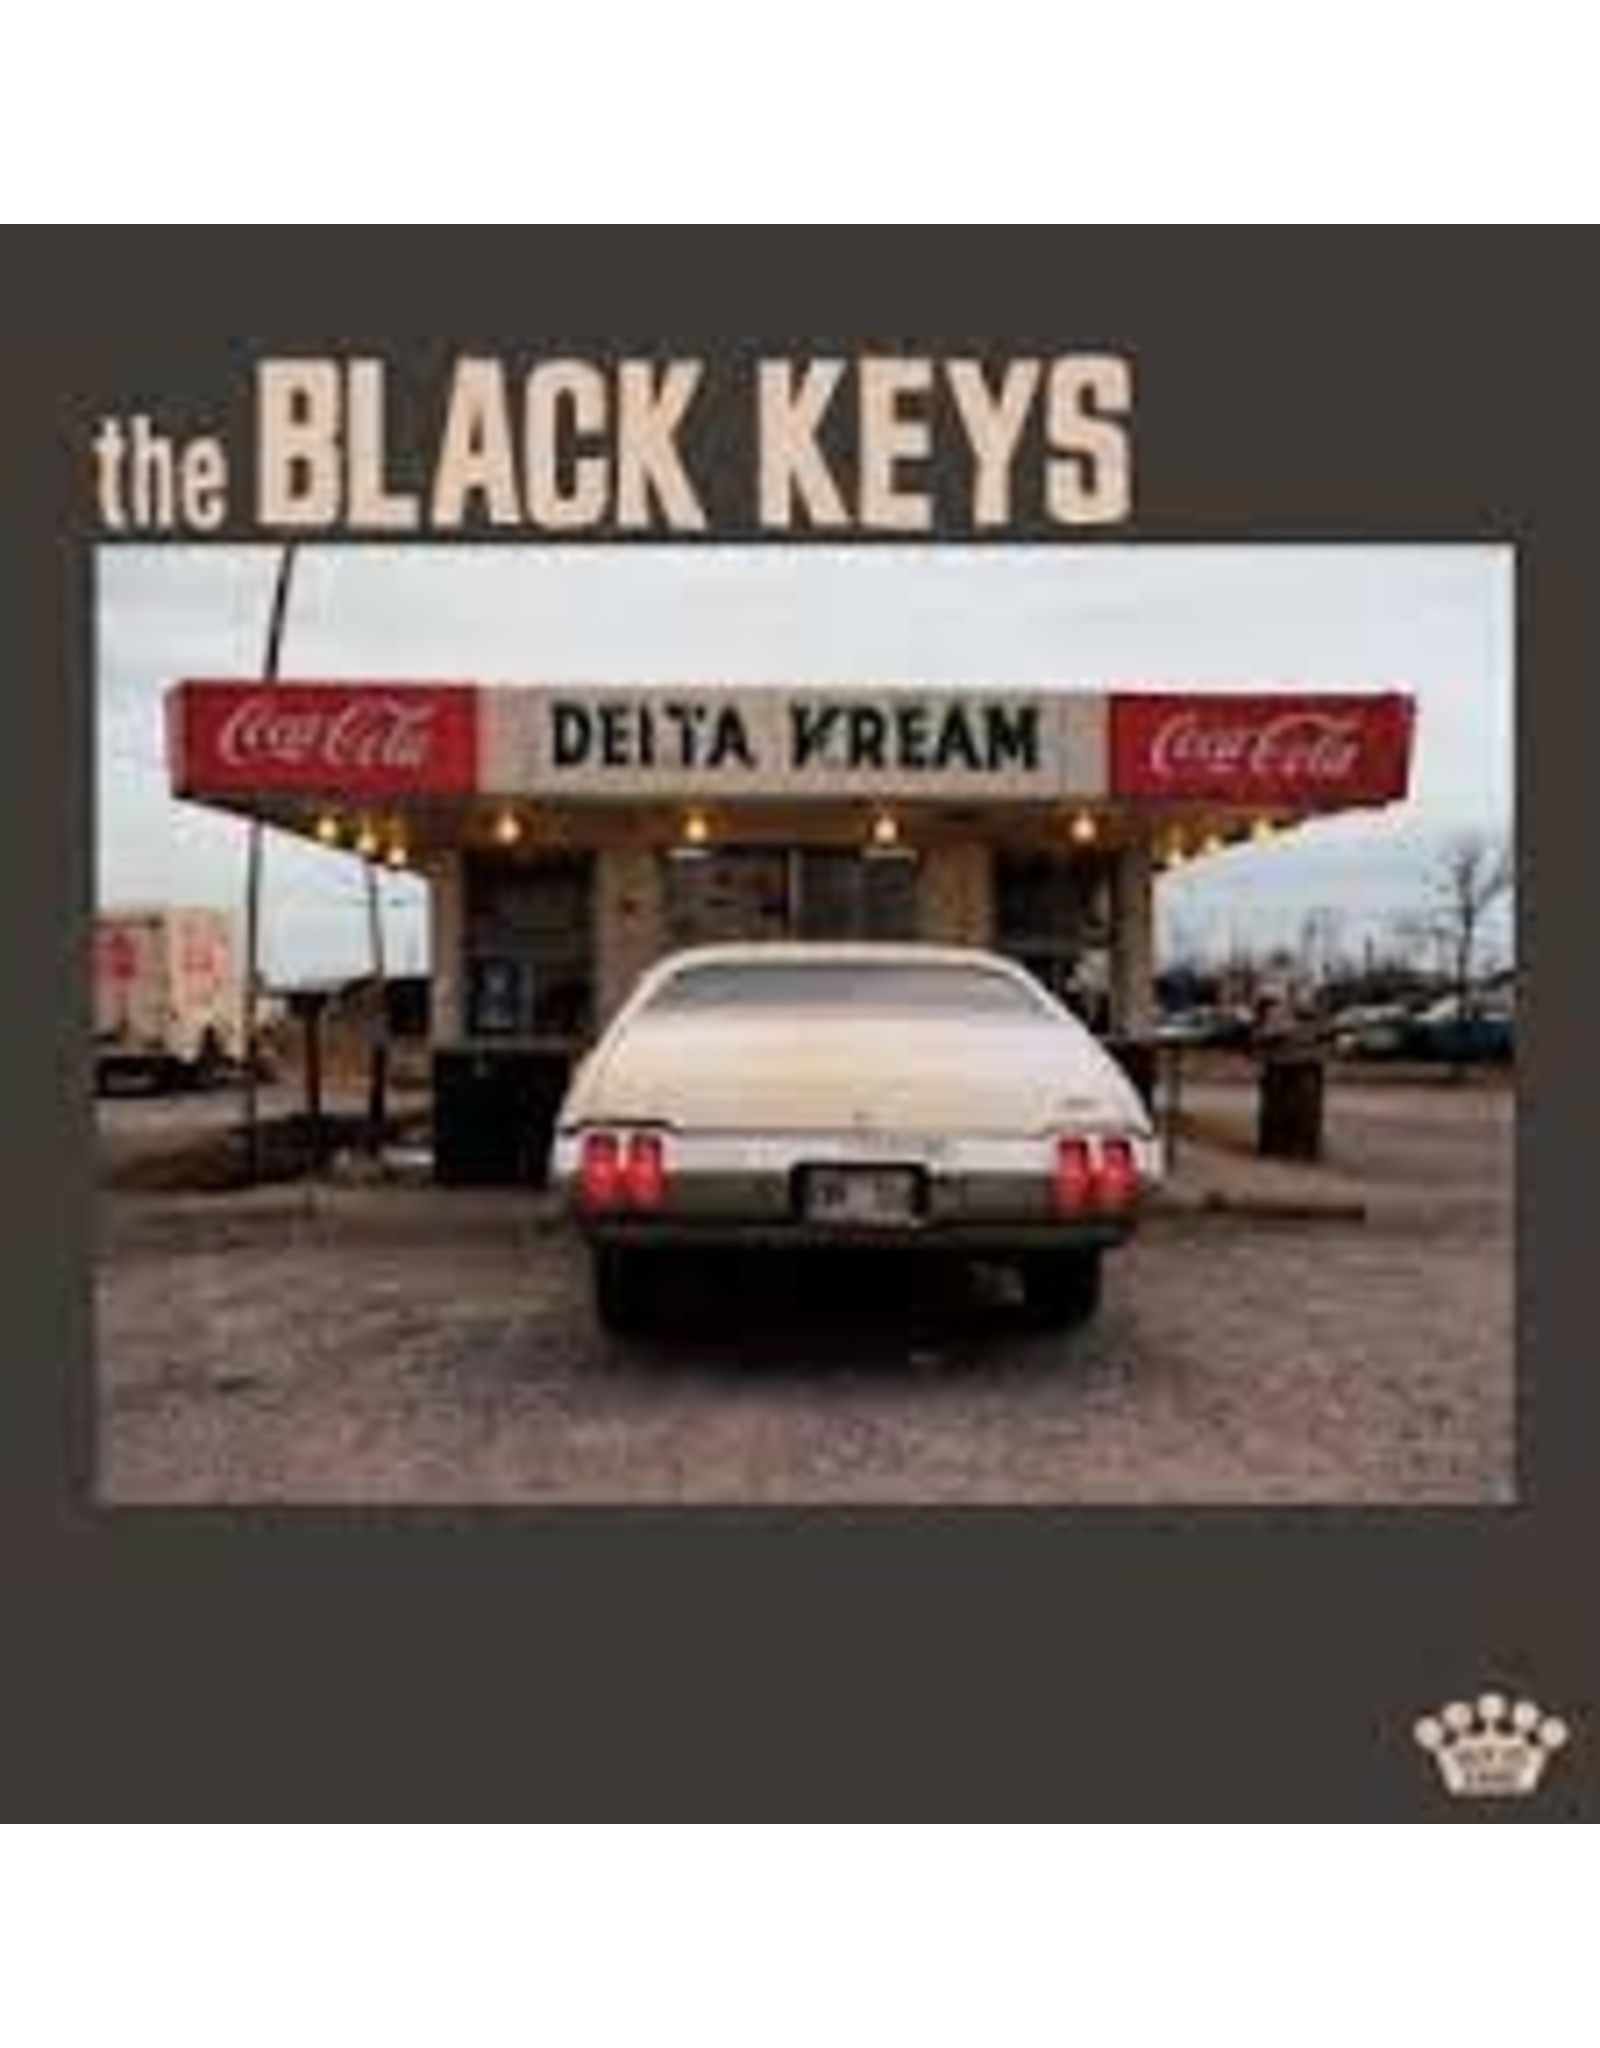 Black Keys - Delta Kream CD